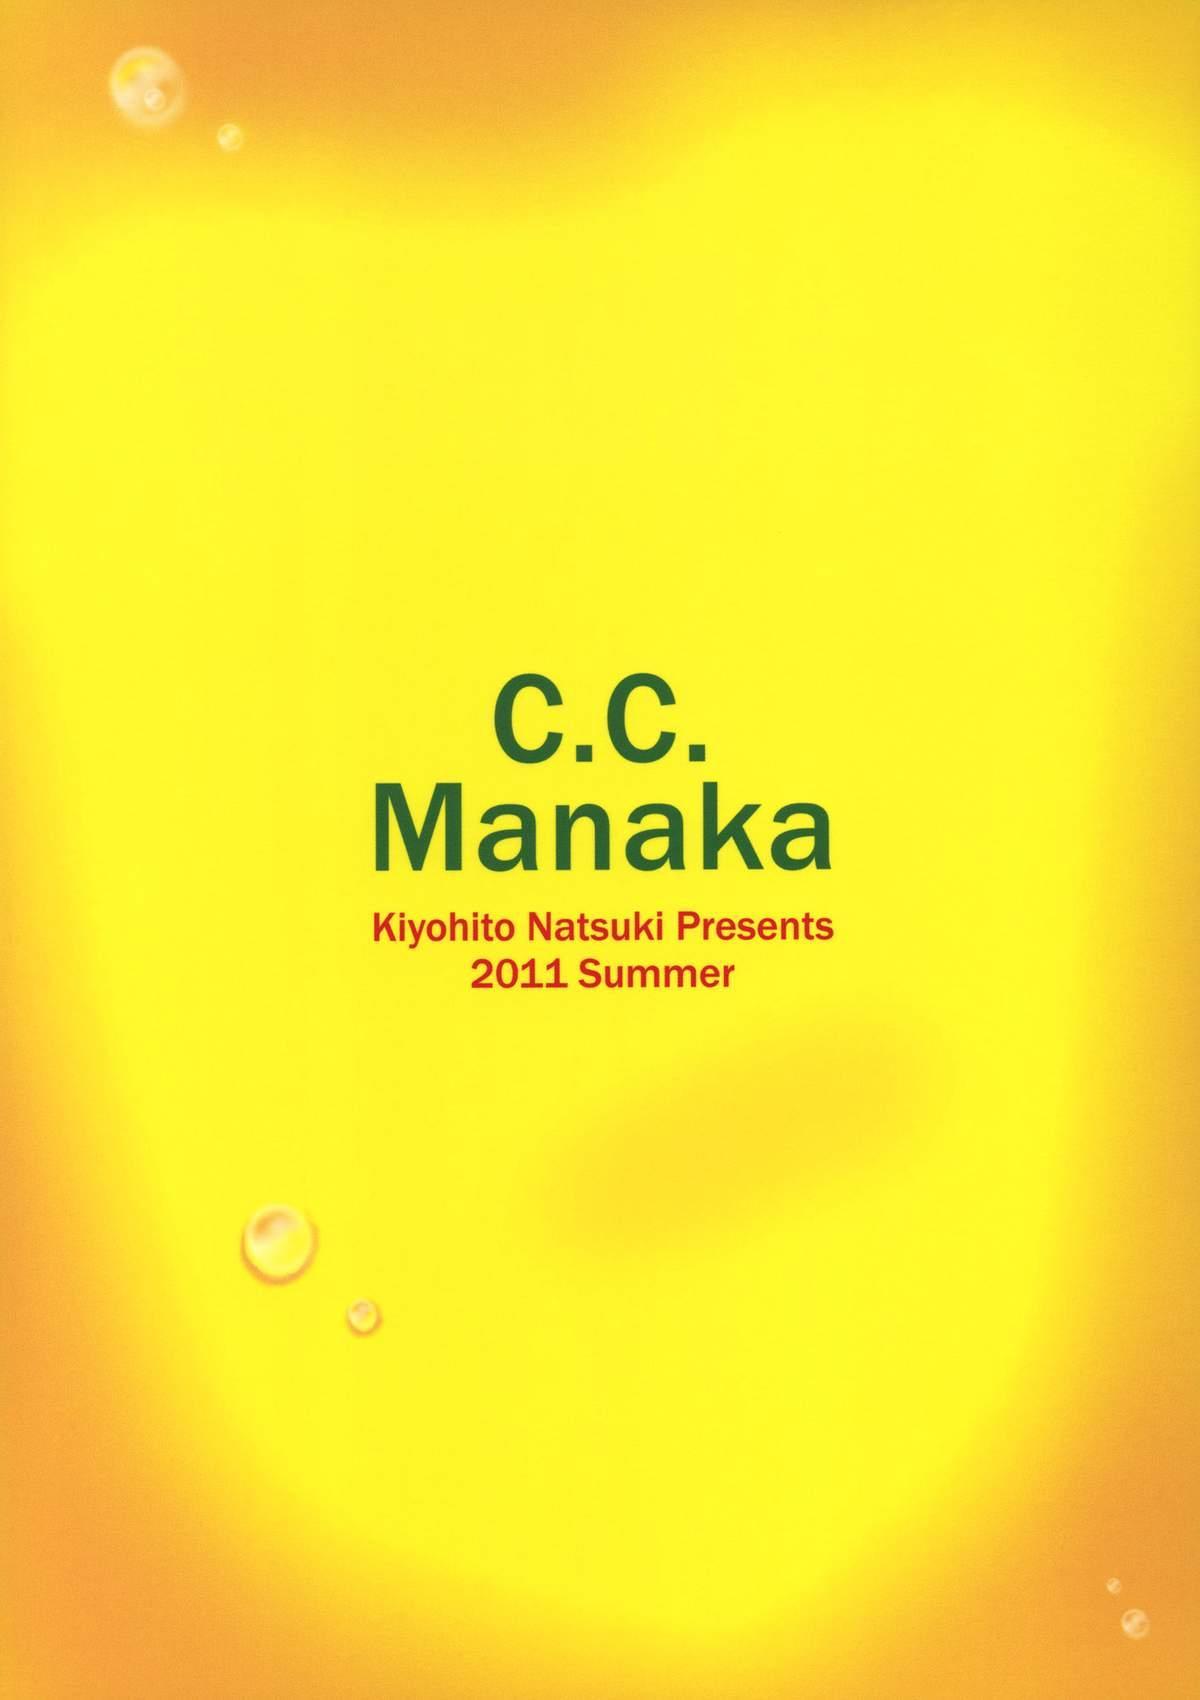 C.C.Manaka 25